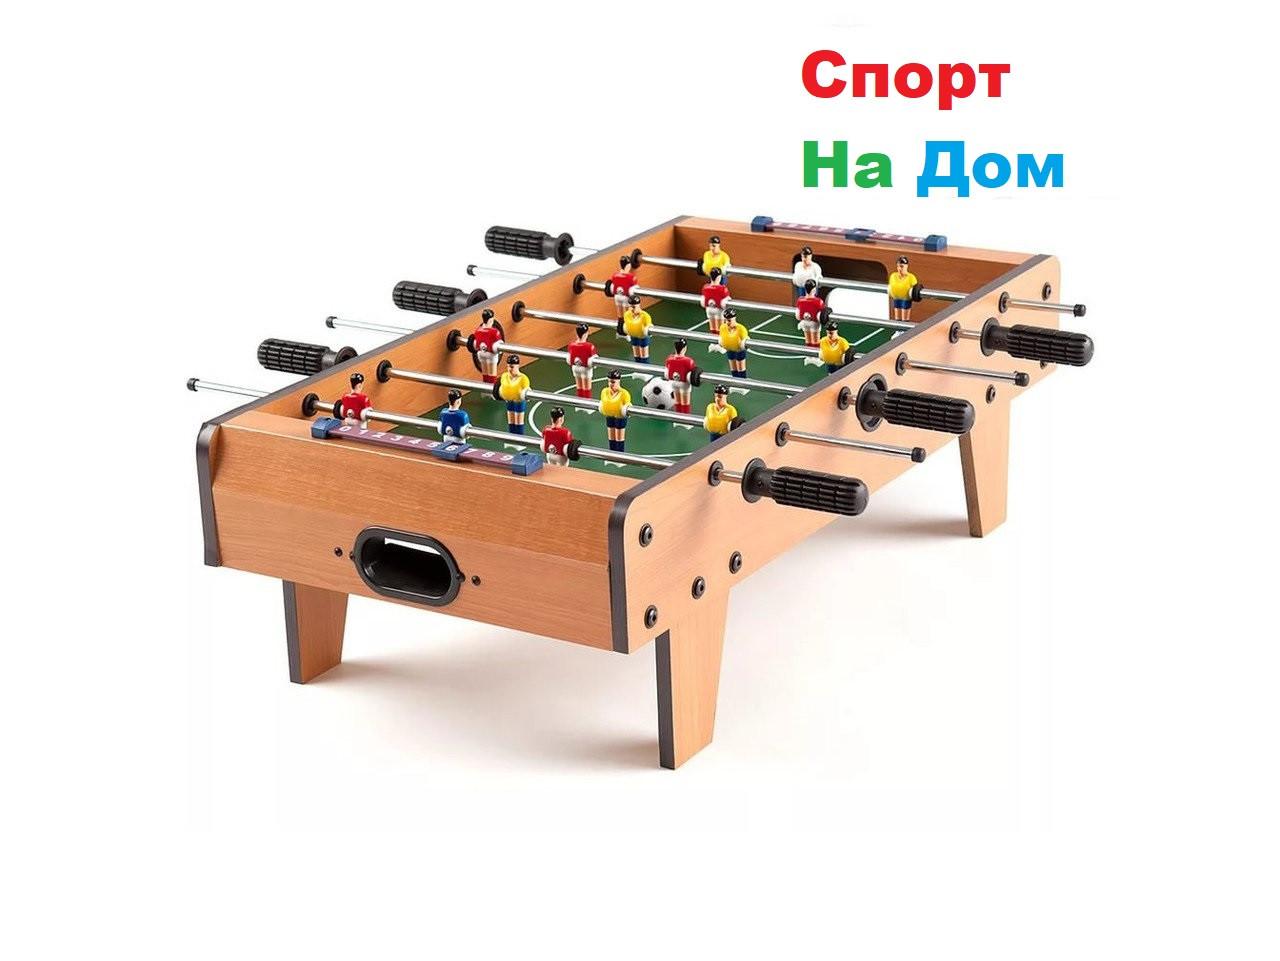 Настольный мини футбол (Габариты: 69*37*24 см)